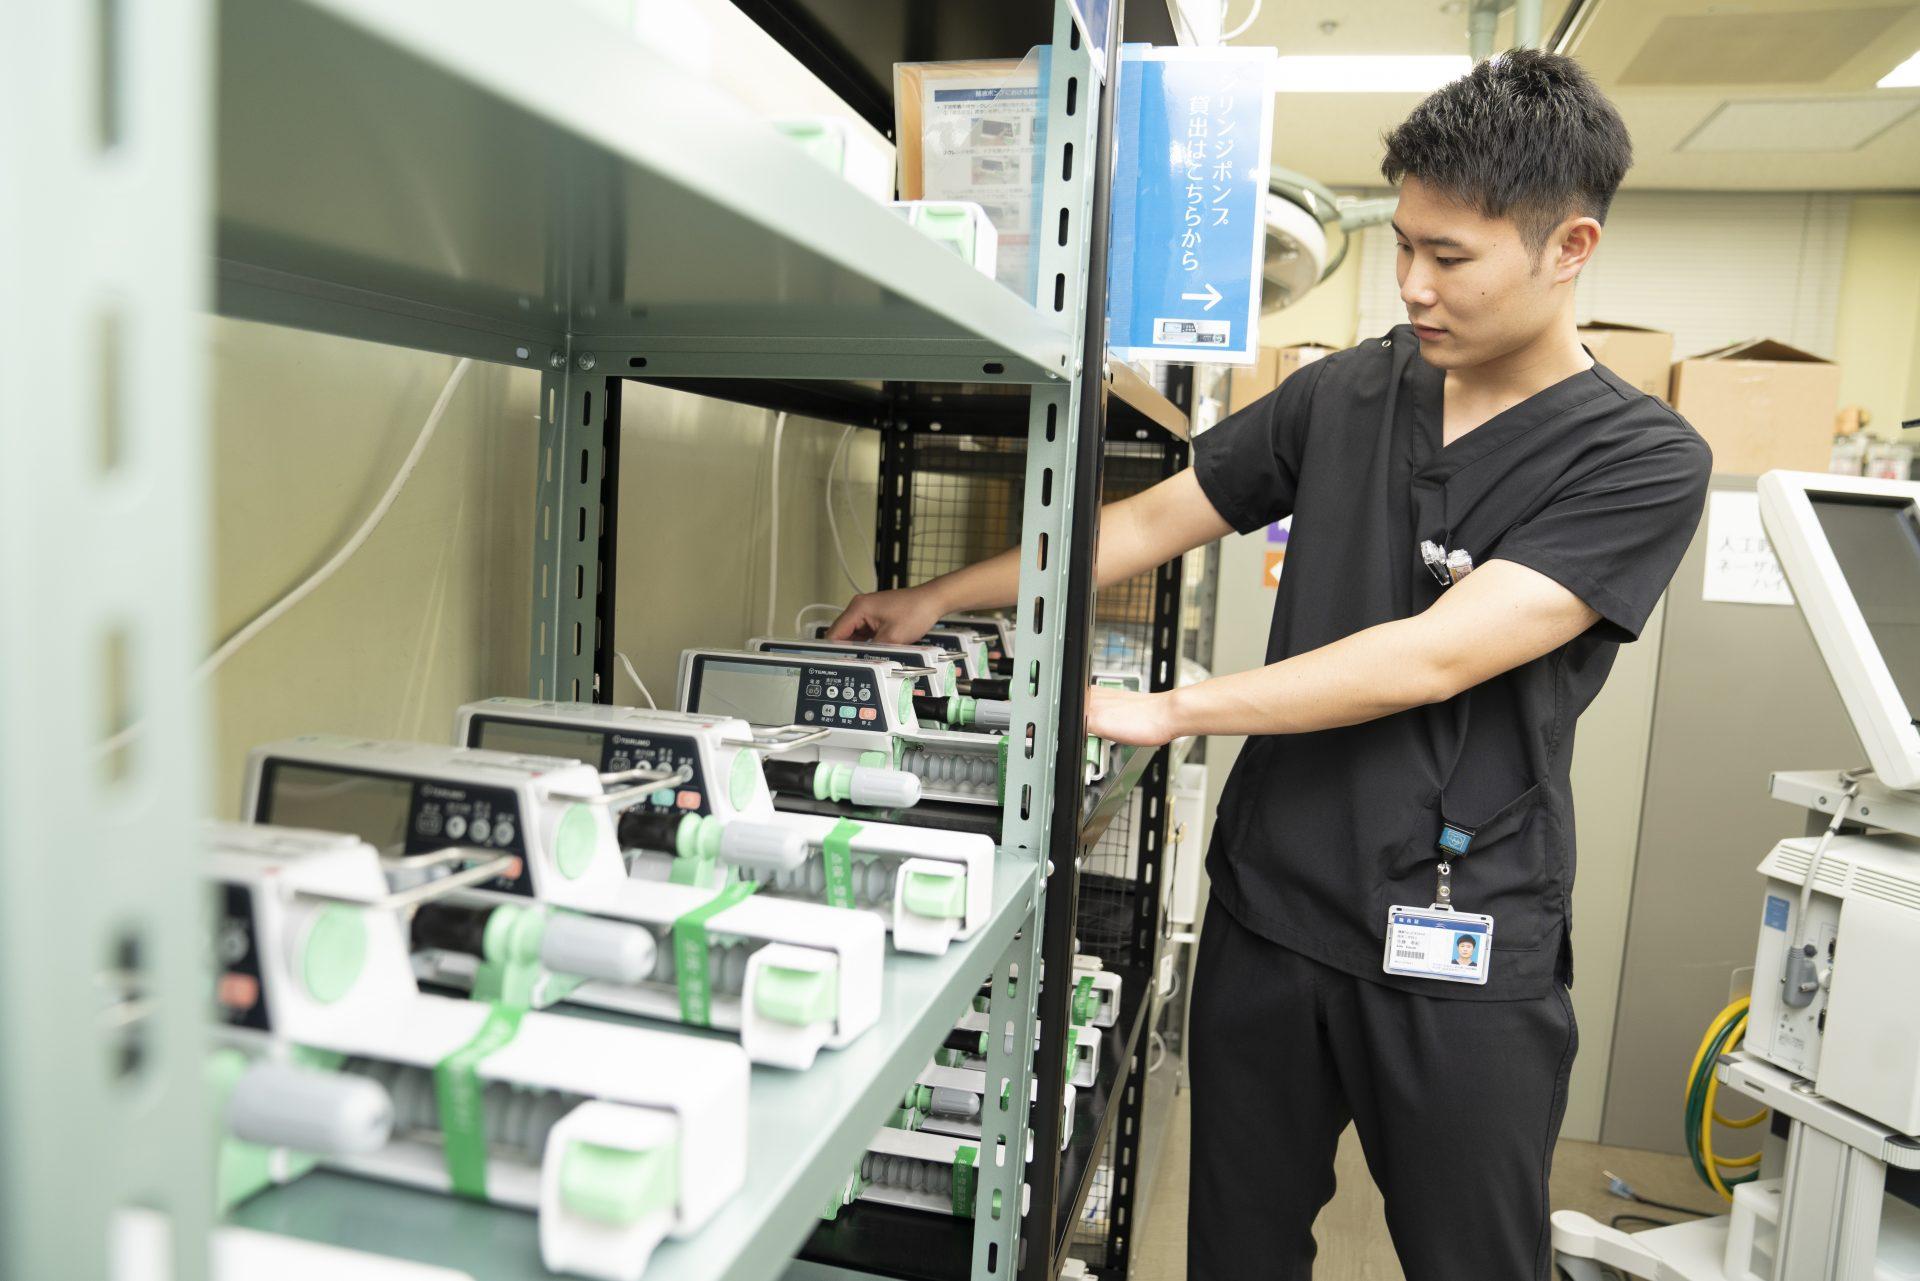 写真:臨床工学技士が機会を操作している様子3